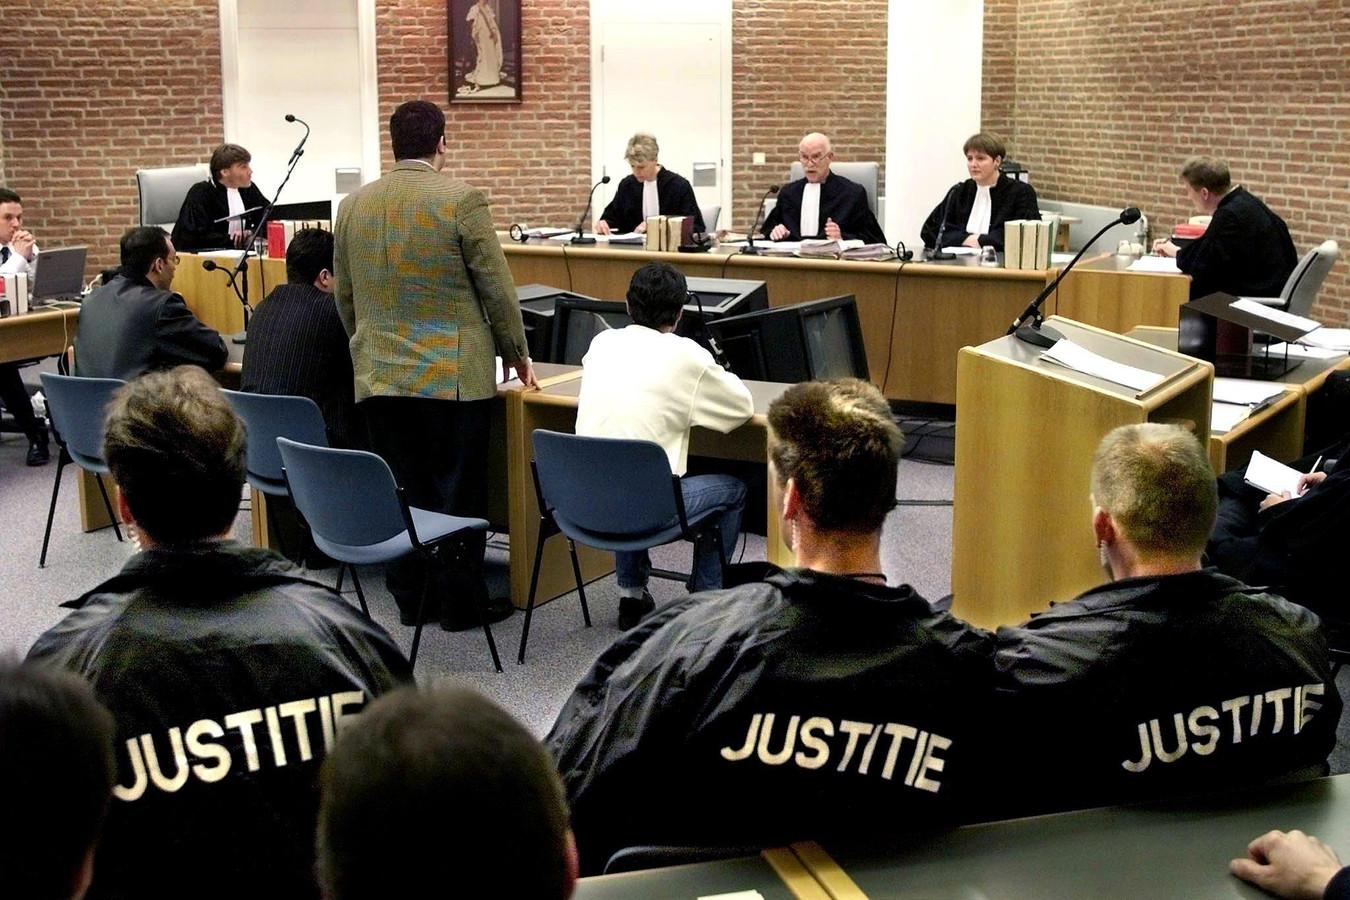 De daders in de rechtbank.